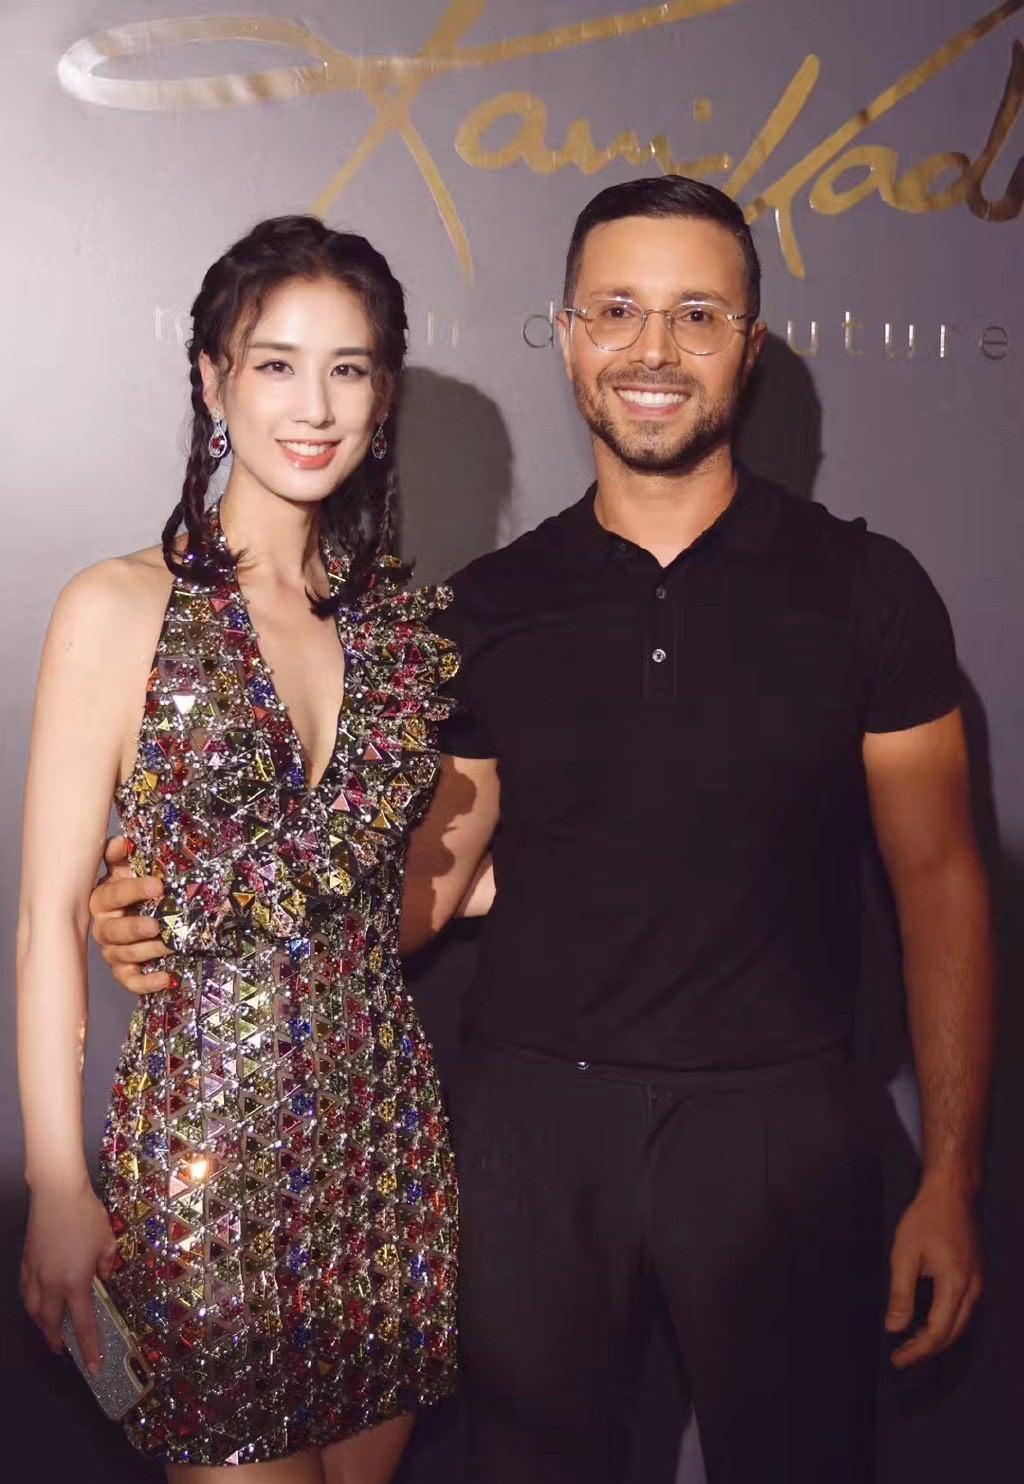 她嫁给杨子,演的作品基本都自己投资,36岁穿透视裙性感又优雅